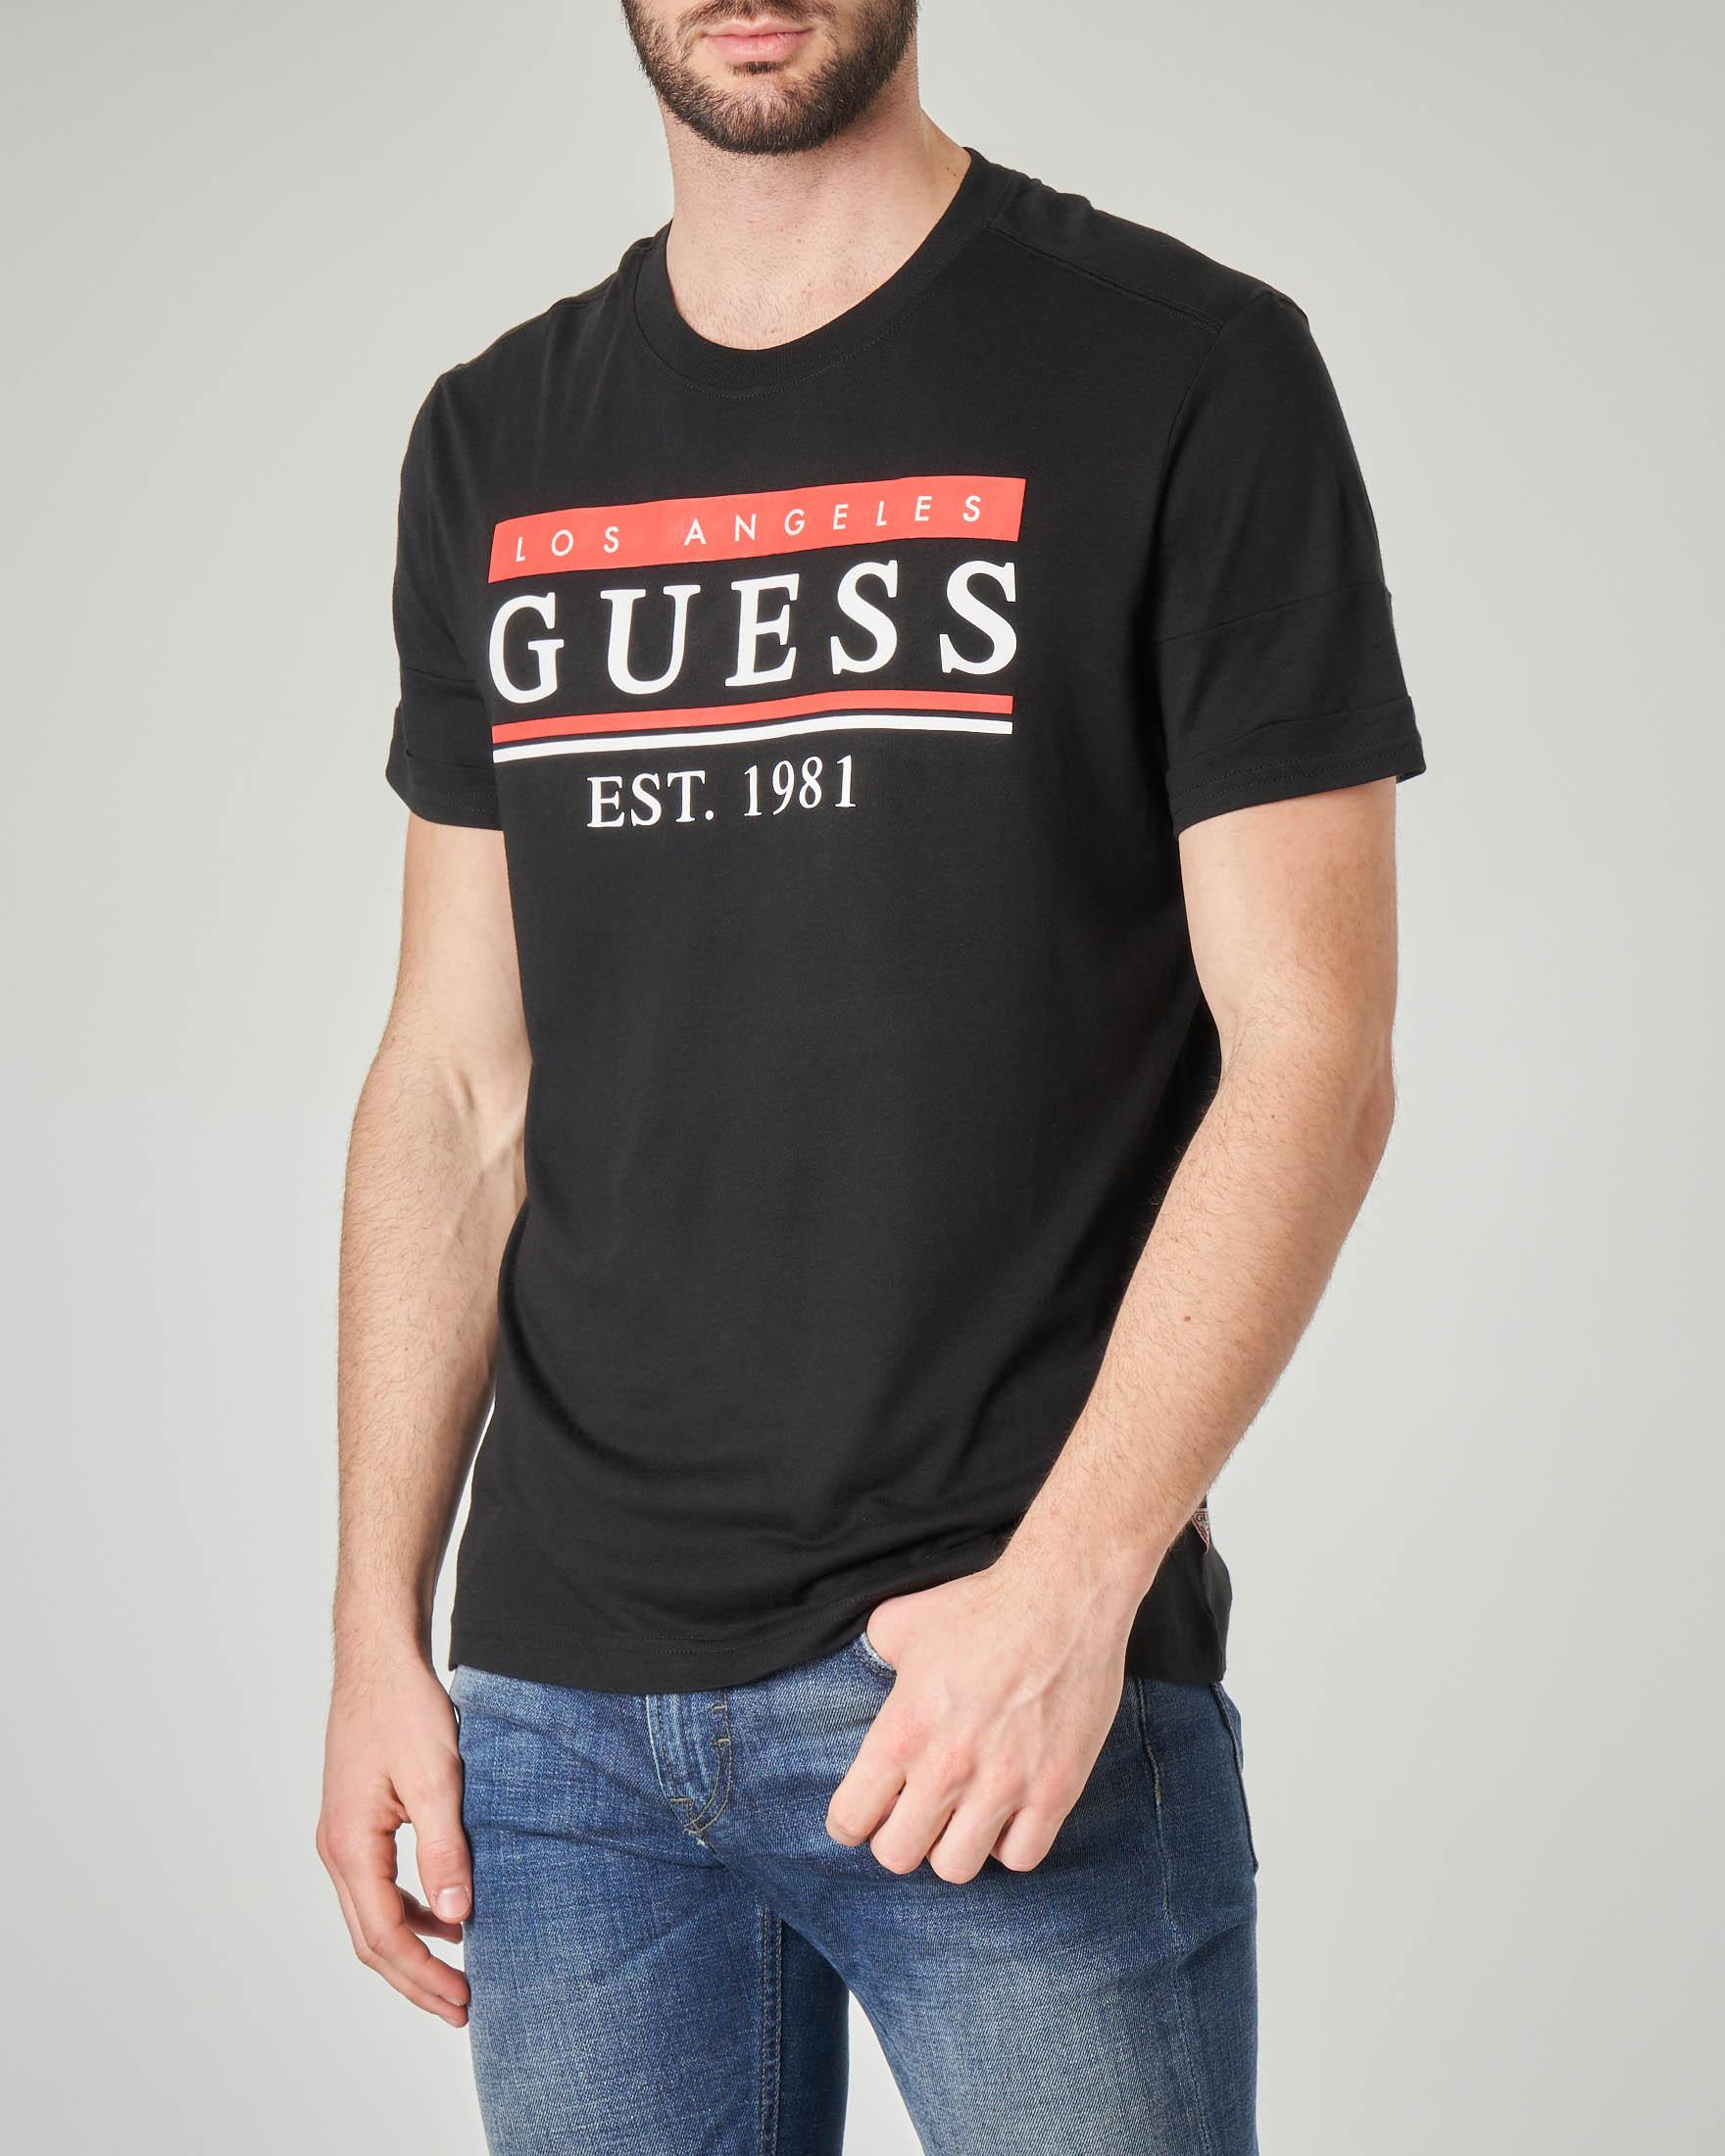 T-shirt nera con logo e scritta Los Angeles